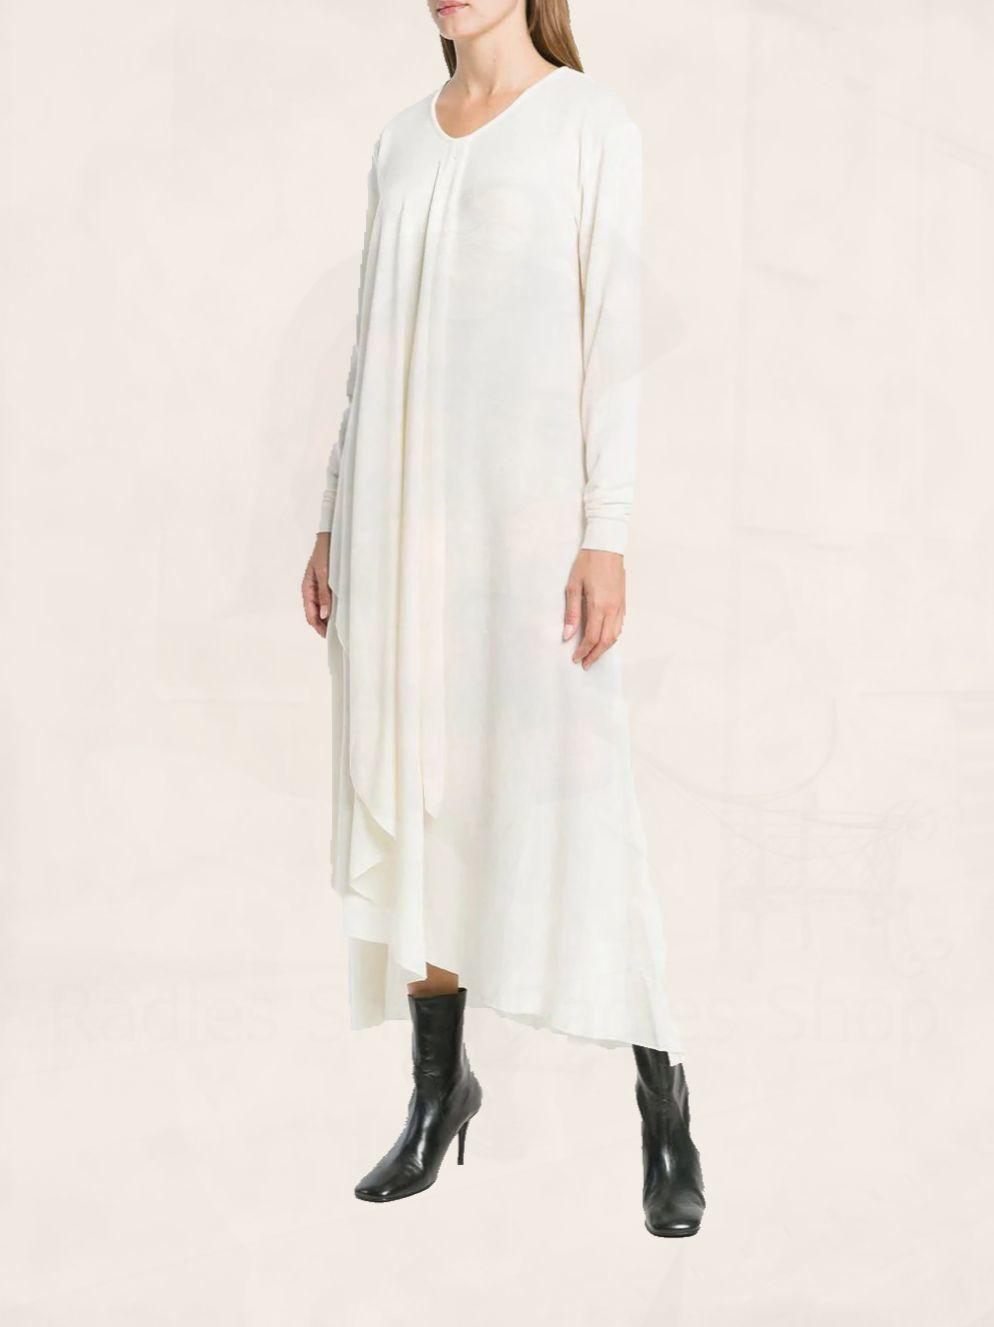 Коктейльное платье футляр. Подходит как для коктейльной вечеринки, Платья, Оренбург, Фото №1